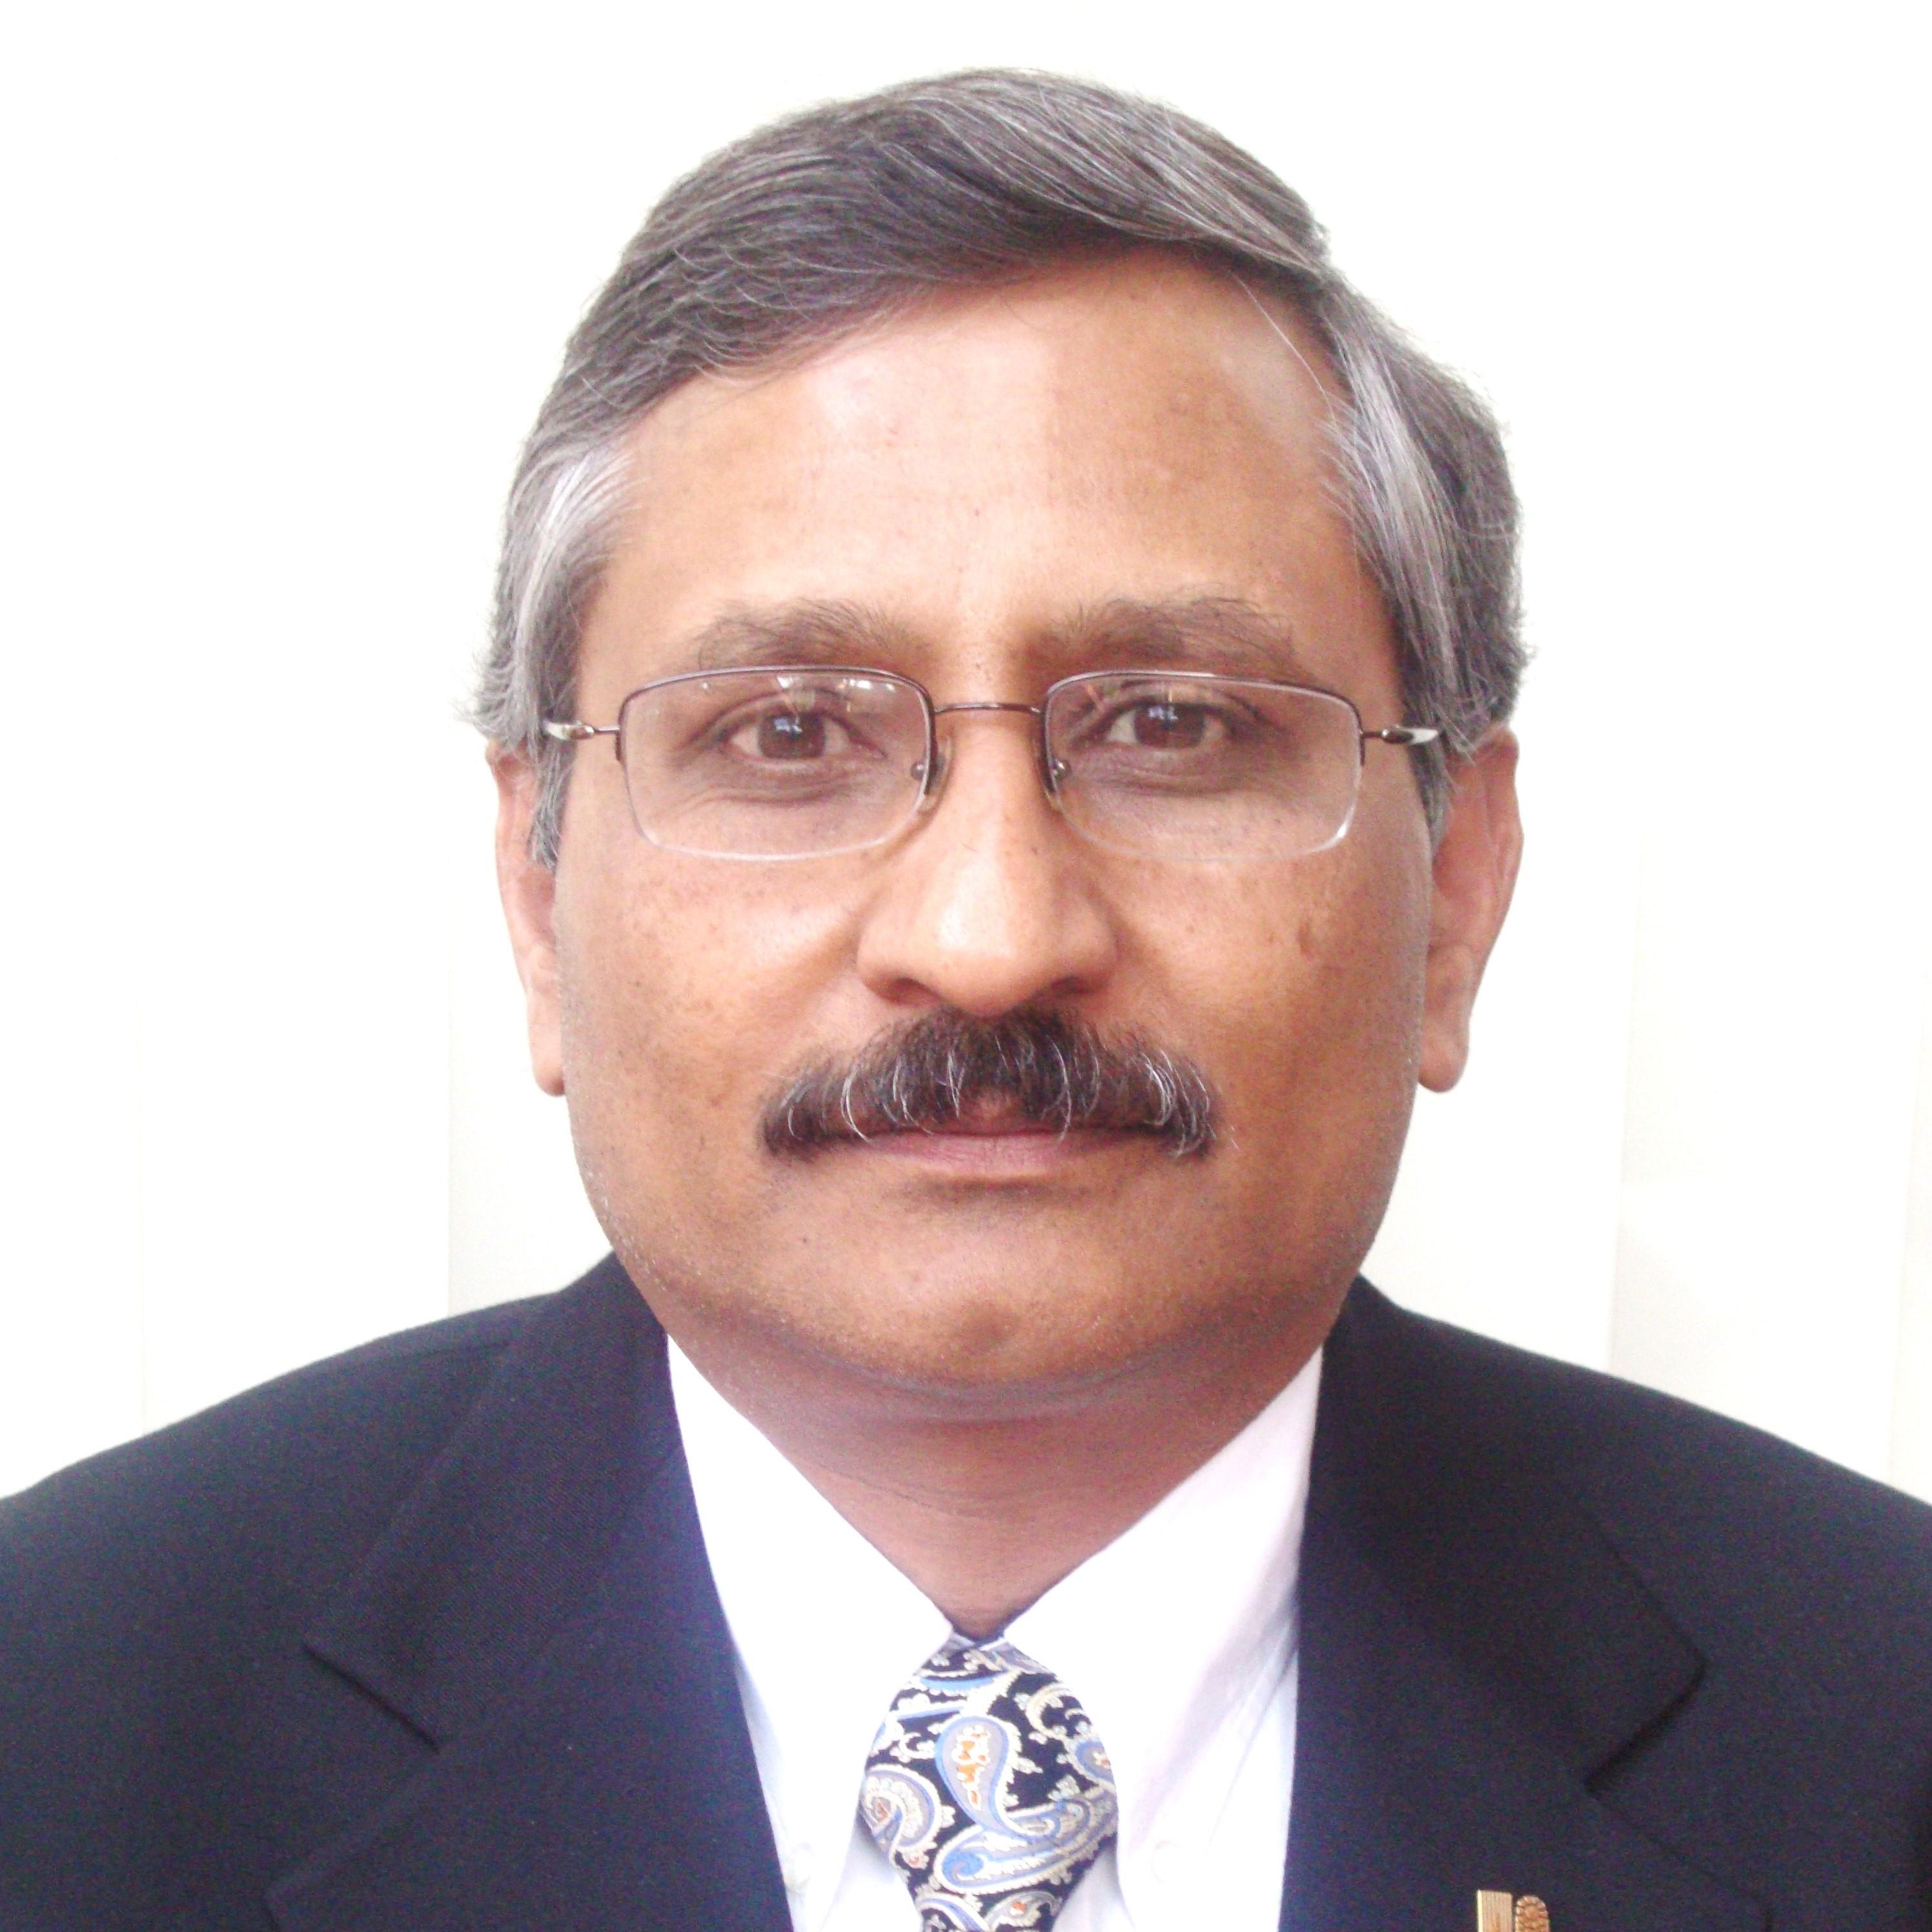 Profile image for Ravi Prakash Singh